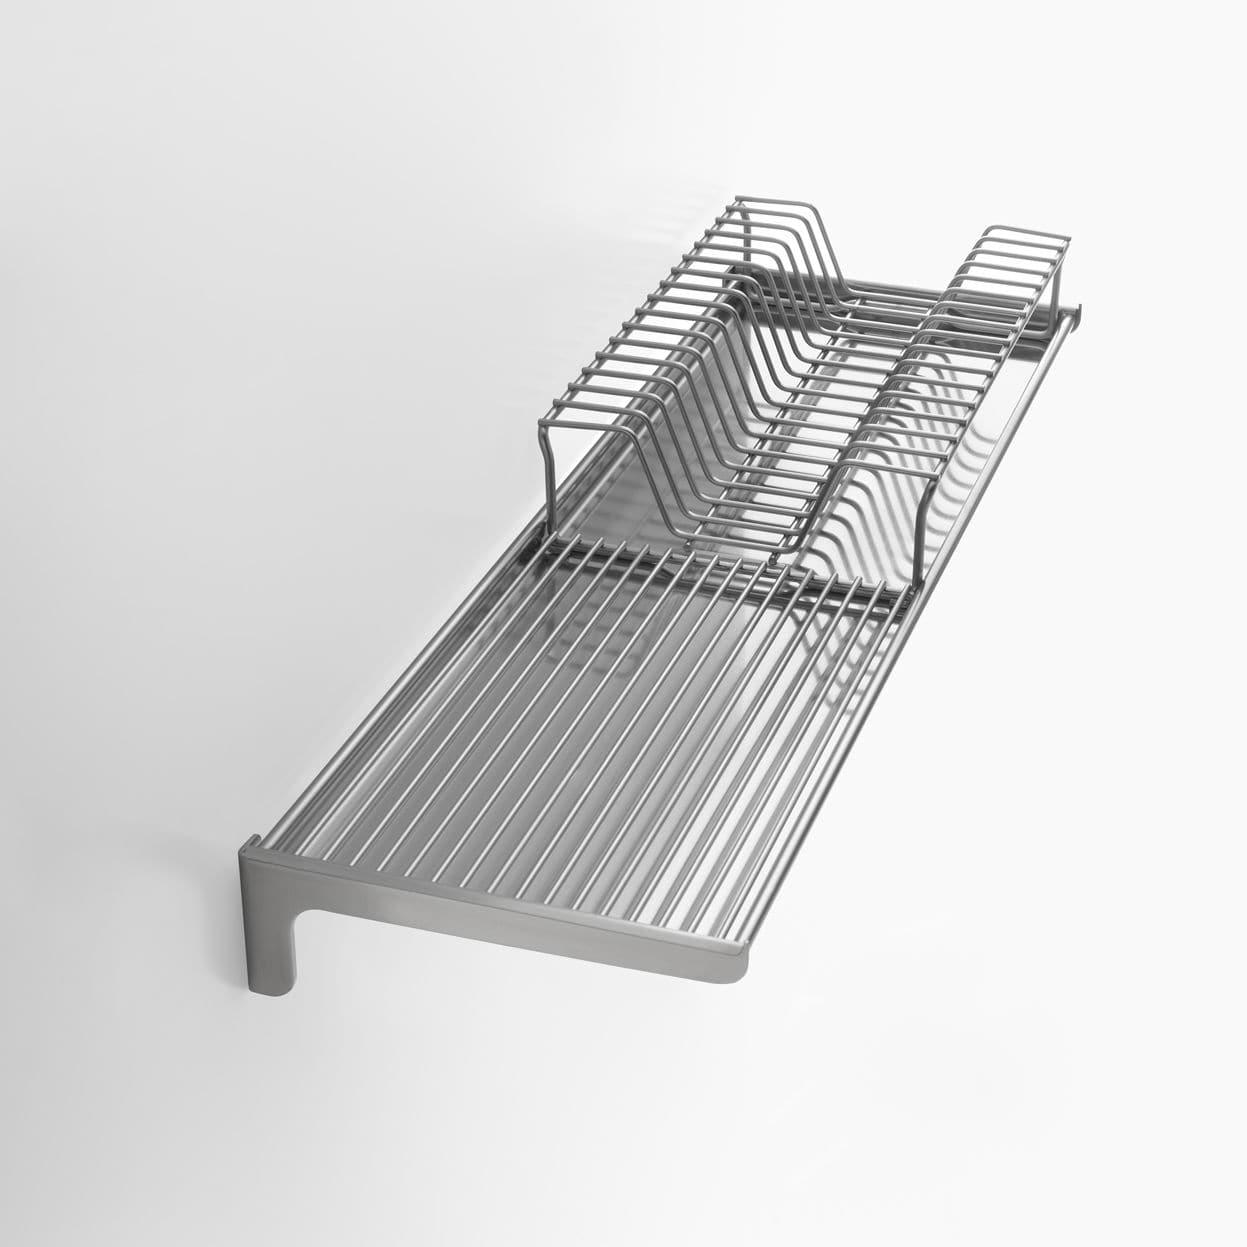 Mensola / moderno / in acciaio inossidabile / per cucina ...